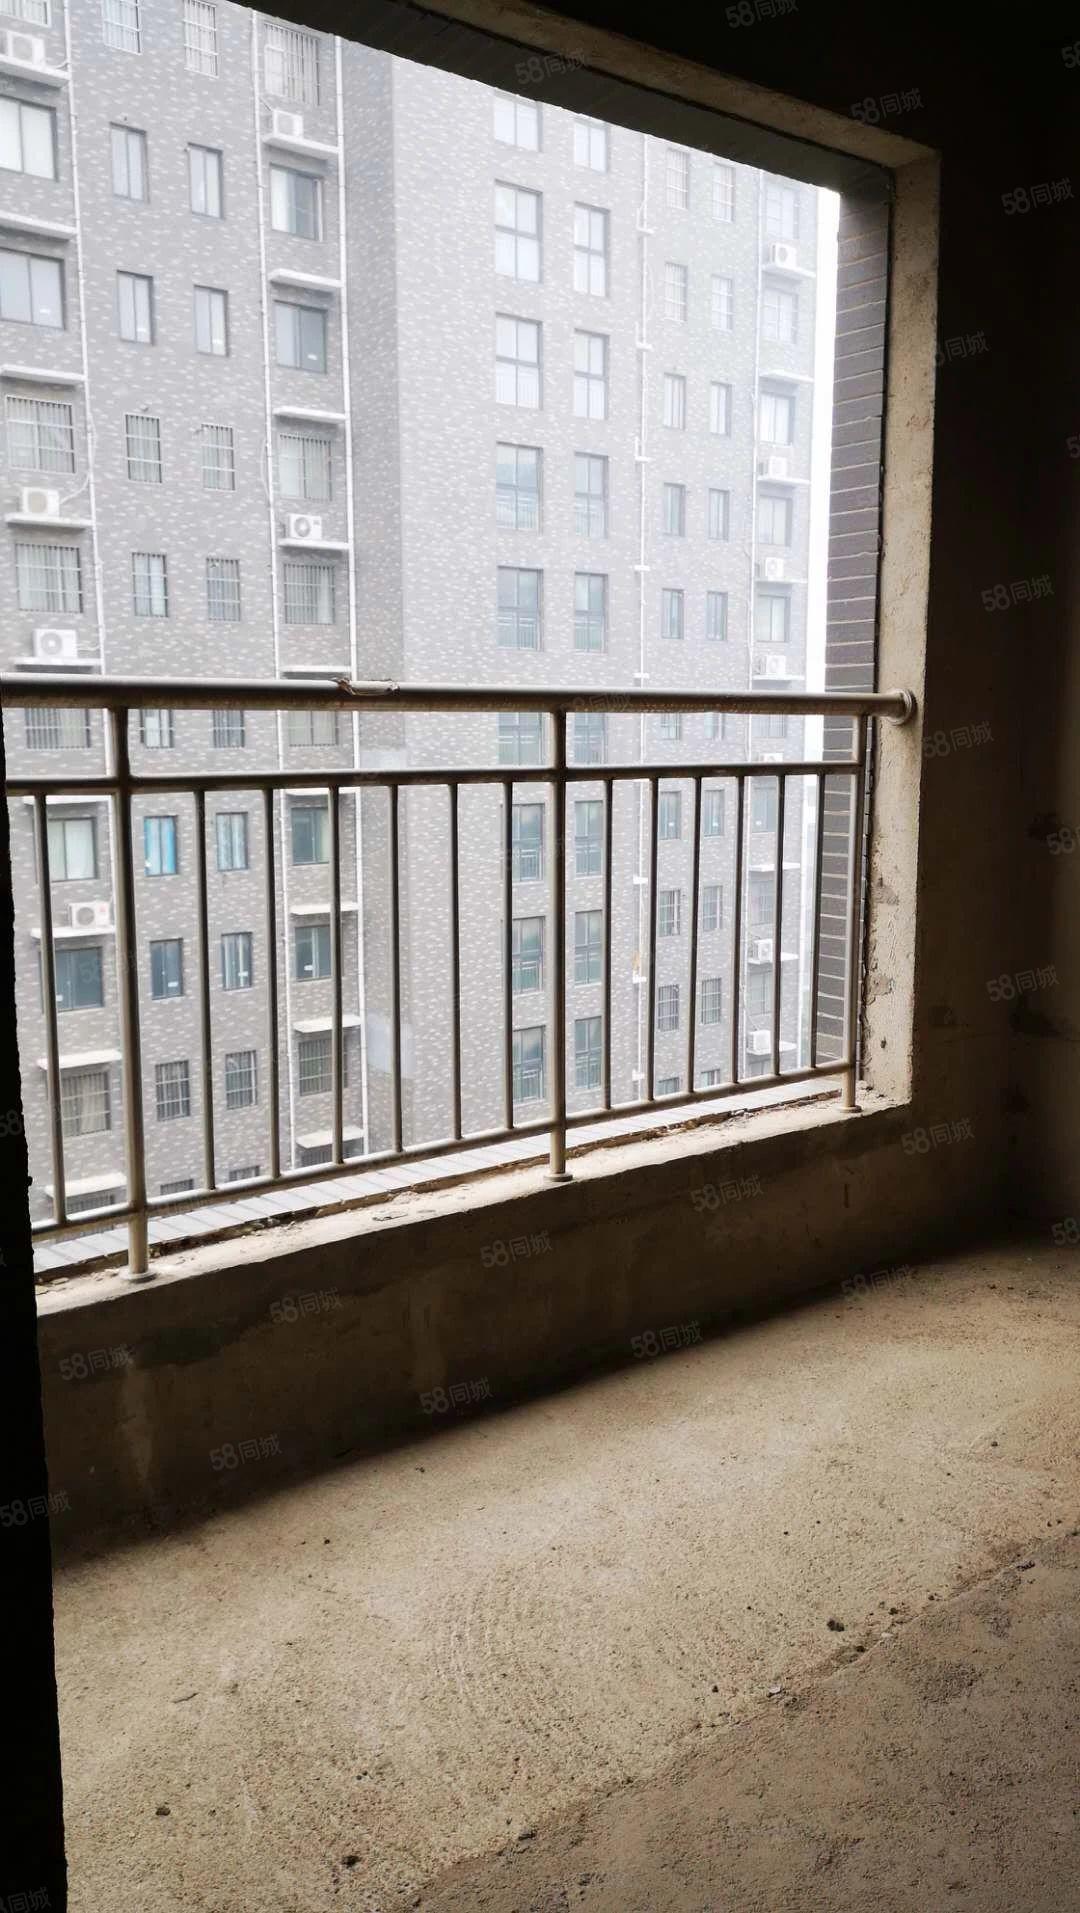 源汇文化路许慎小学隔壁片区房1楼119平3房毛胚现房随时看房